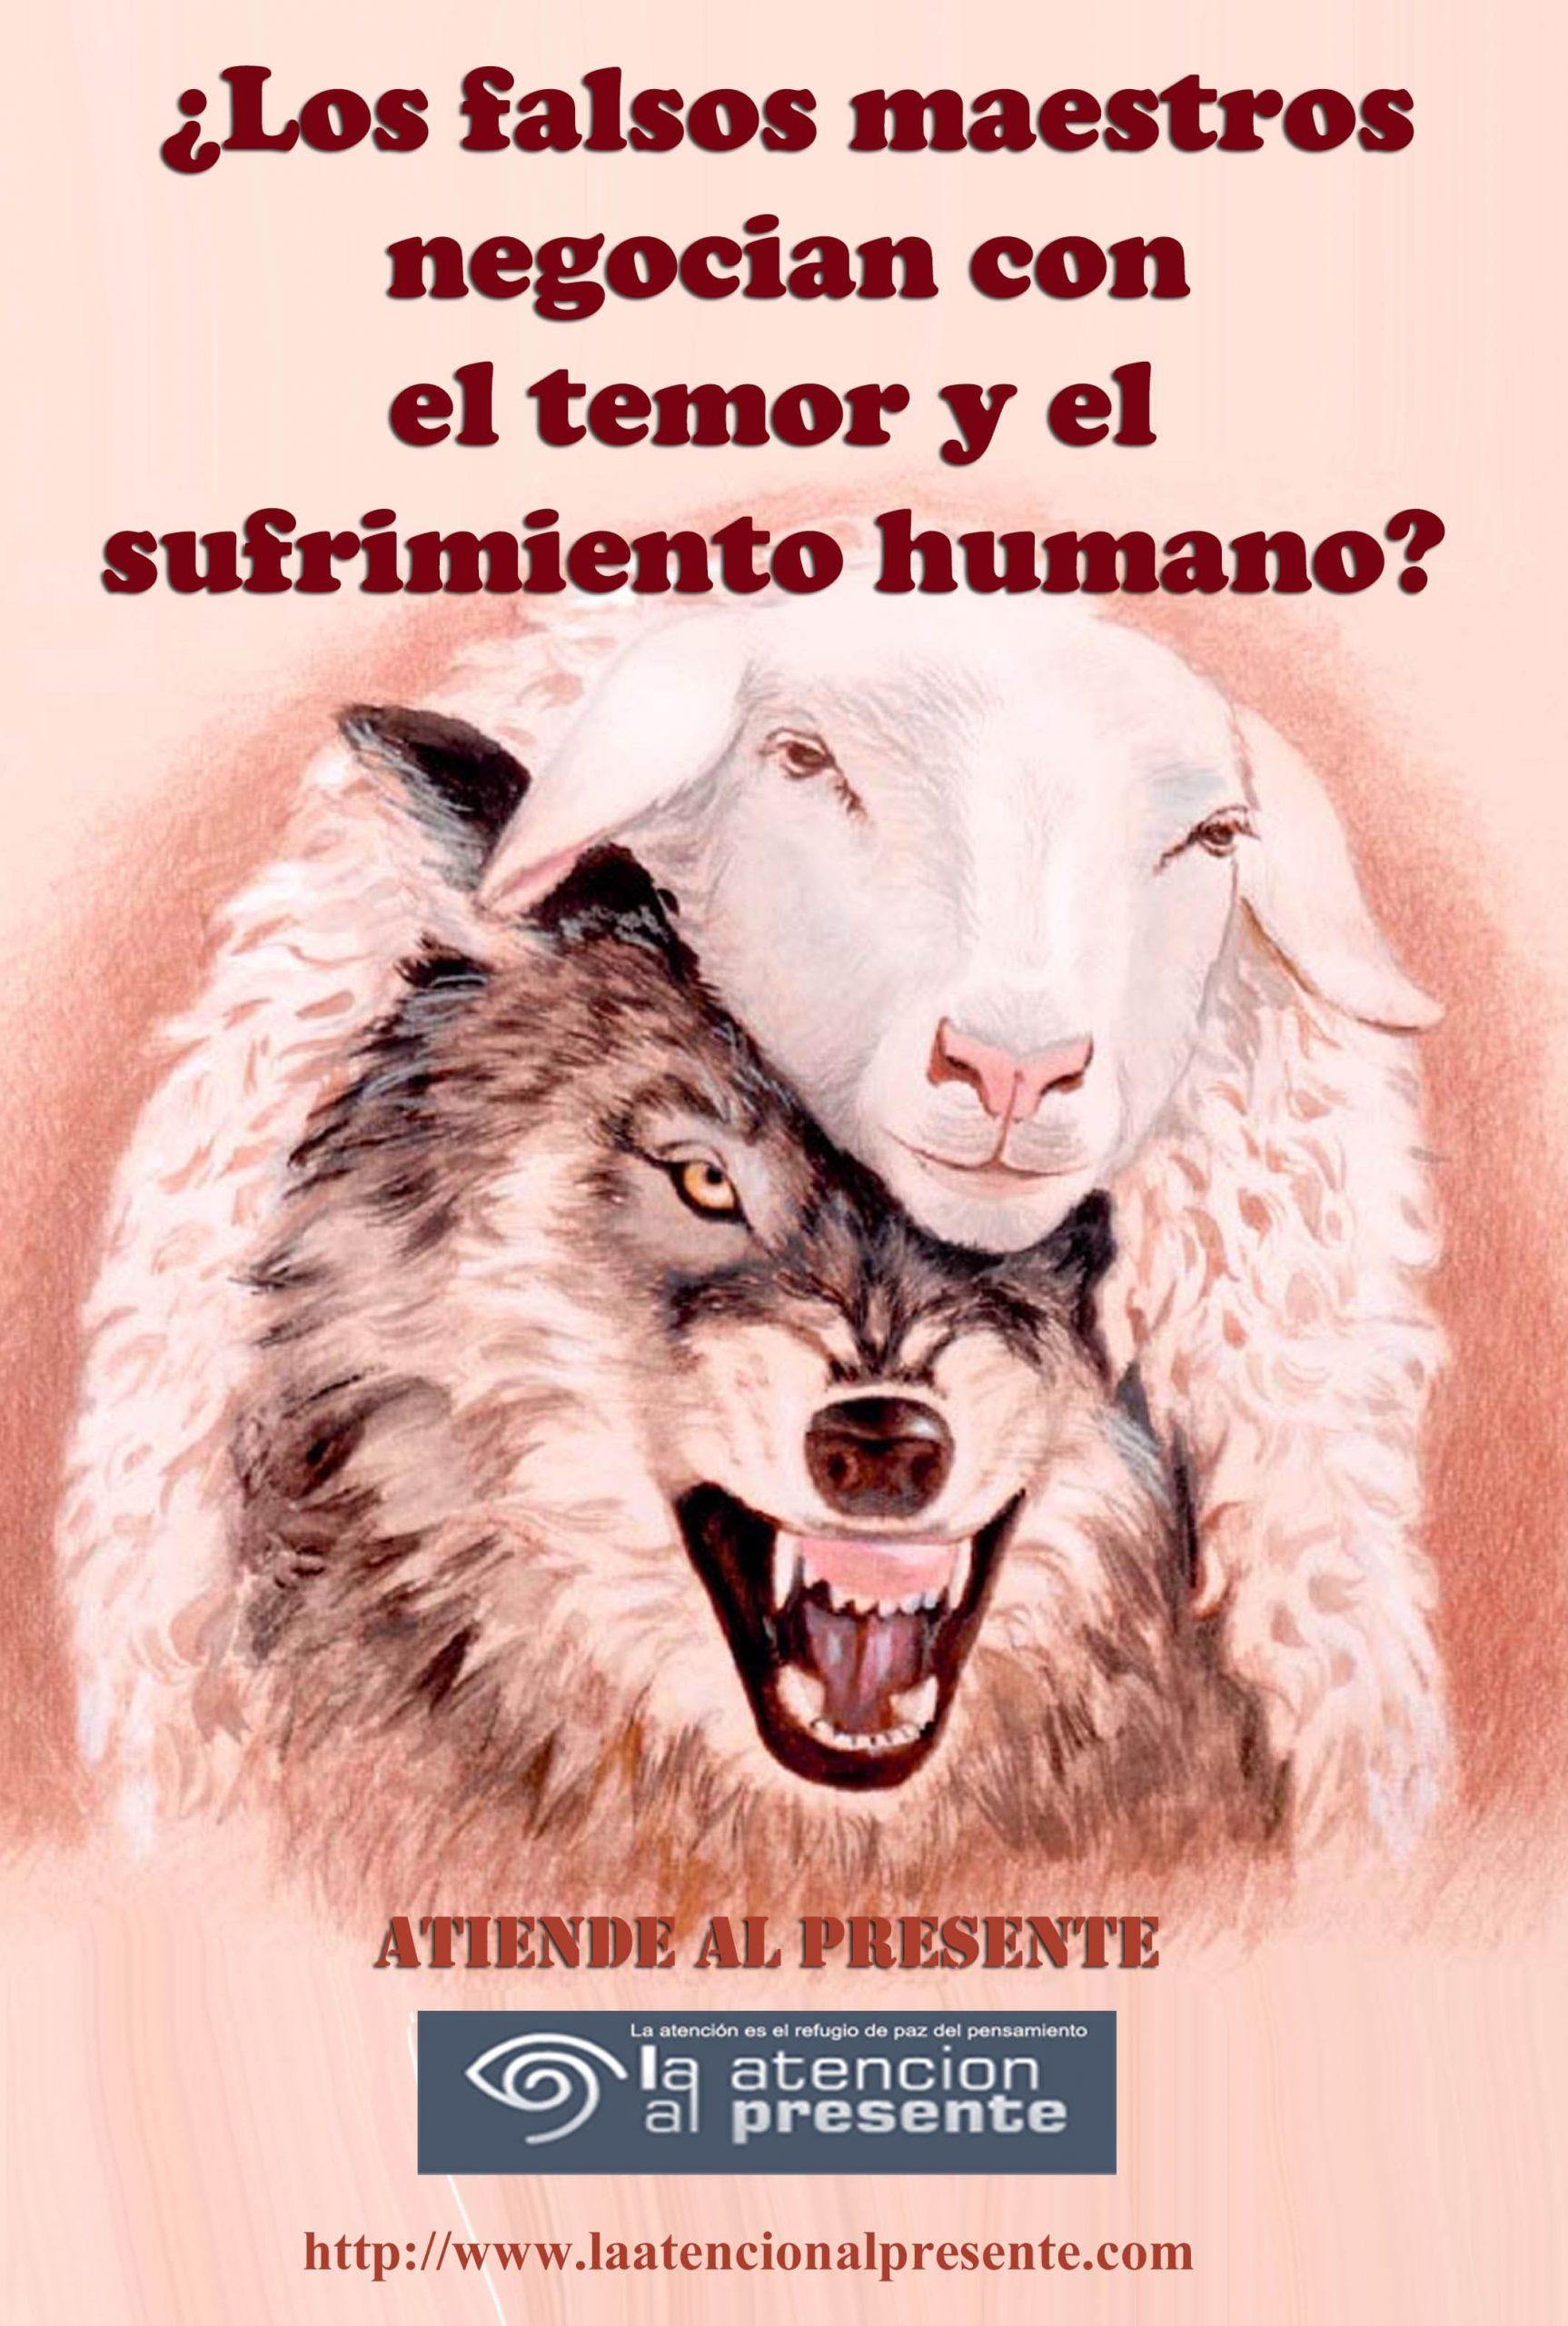 3 de abril Esteban Los falsos maestros negocian con el temor y el sufrimiento humano min 1 scaled